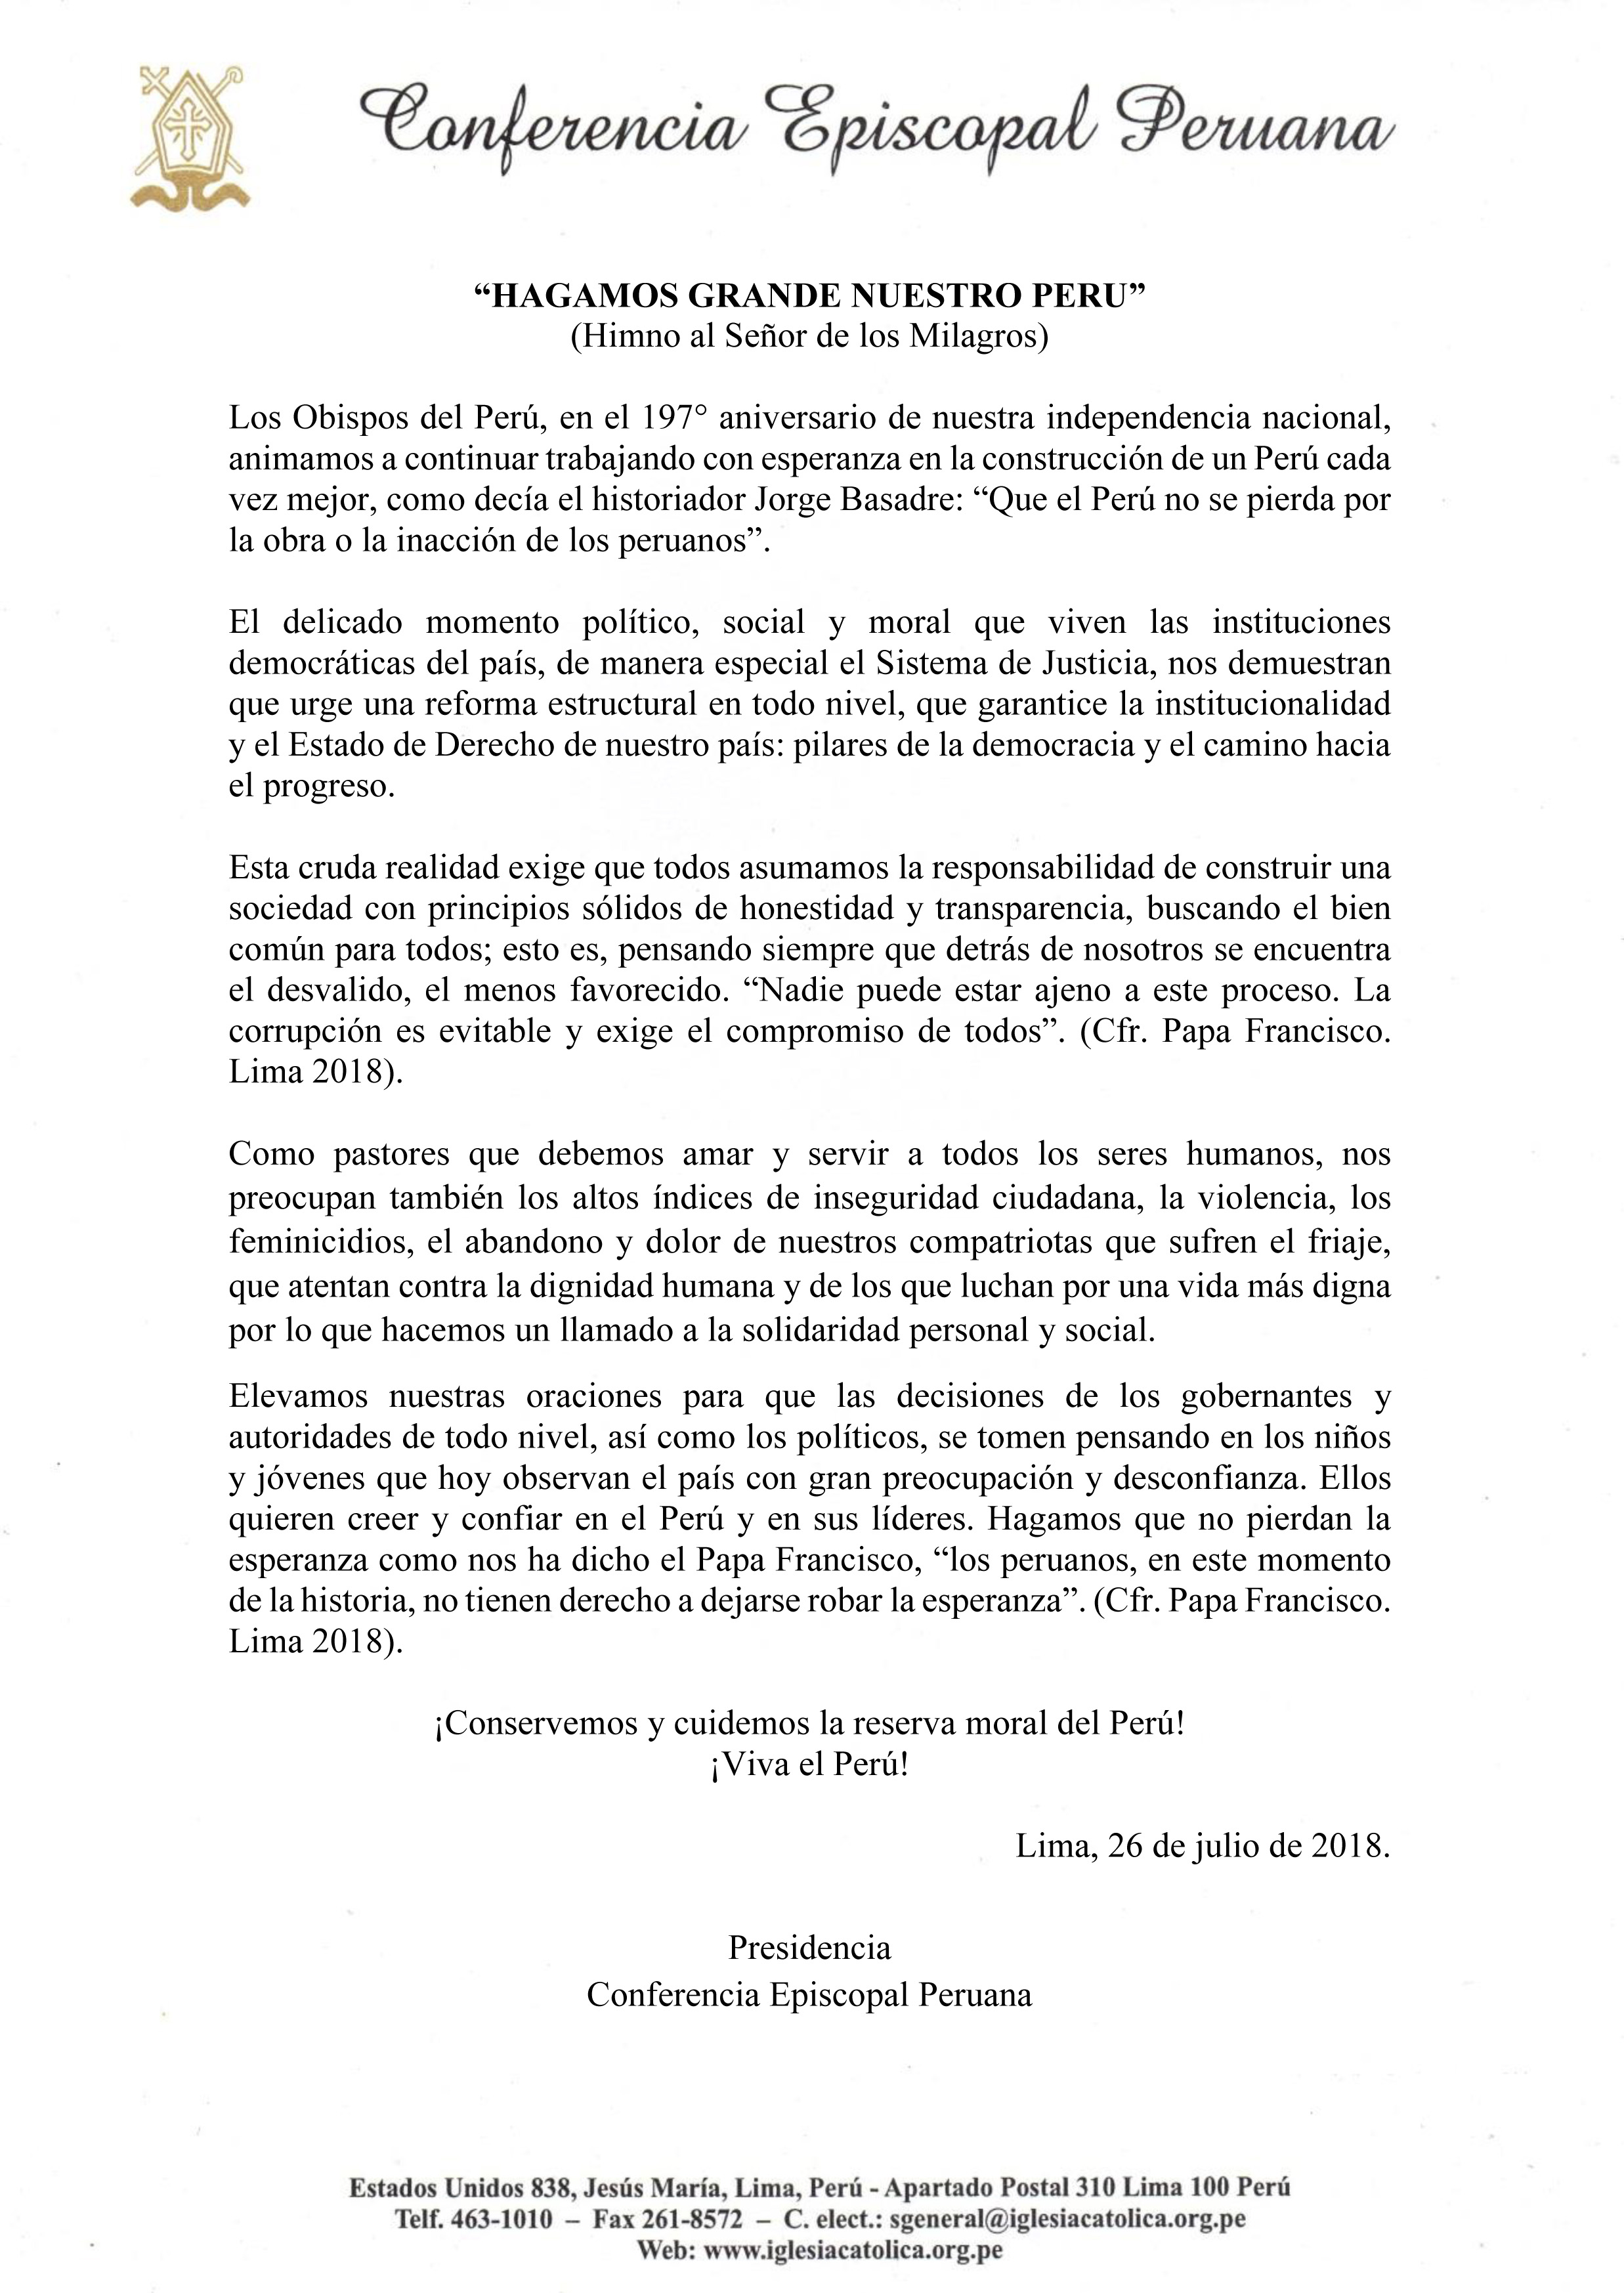 Mensaje de Fiestas Patrias 2018: Conferencia Episcopal Peruana